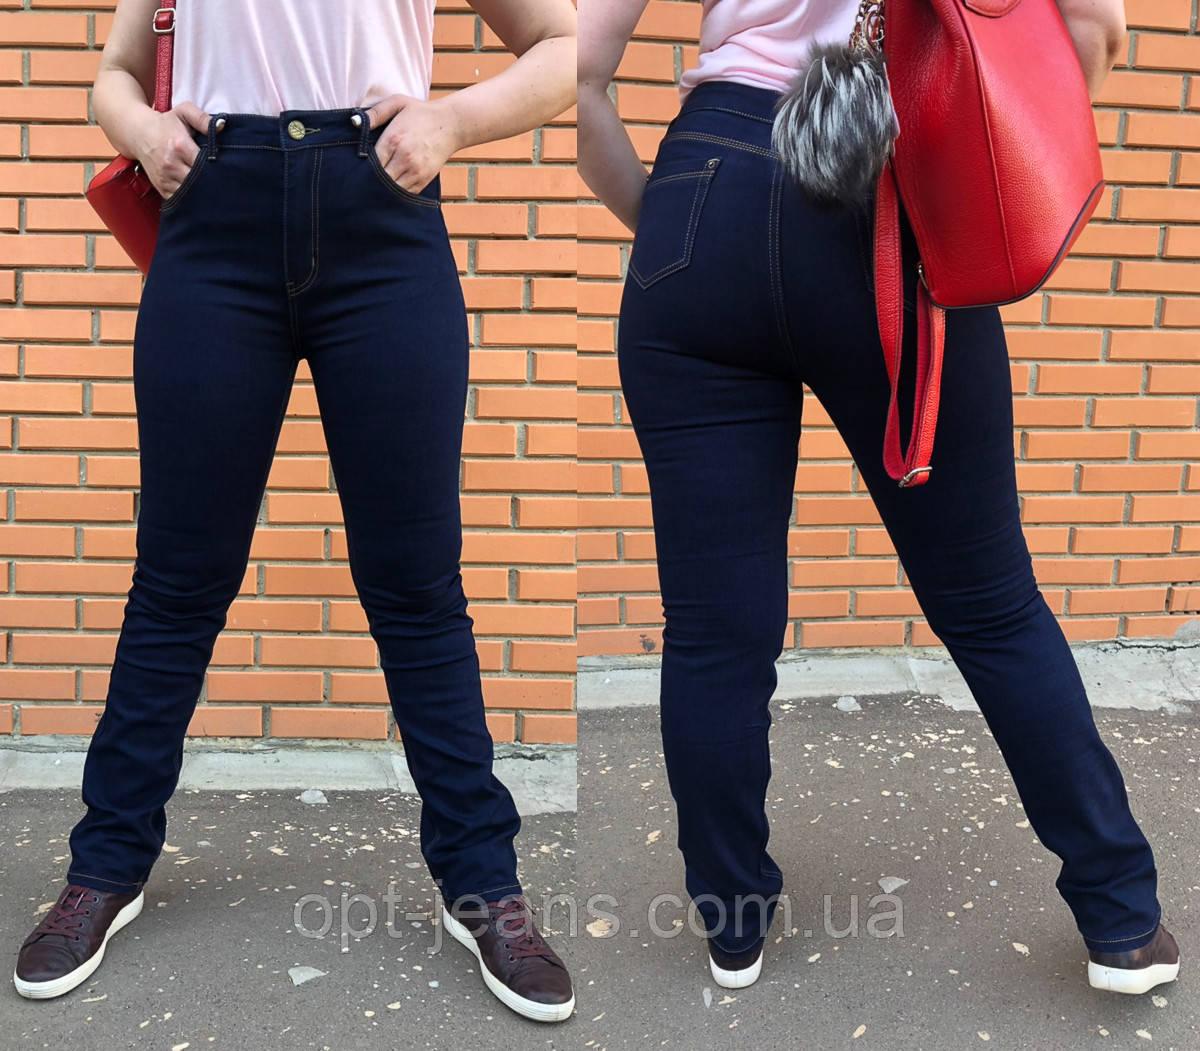 0016 Lady Angel джинсы женские батальные демисезонные стрейчевые (31-3,32-2, 5 ед.)